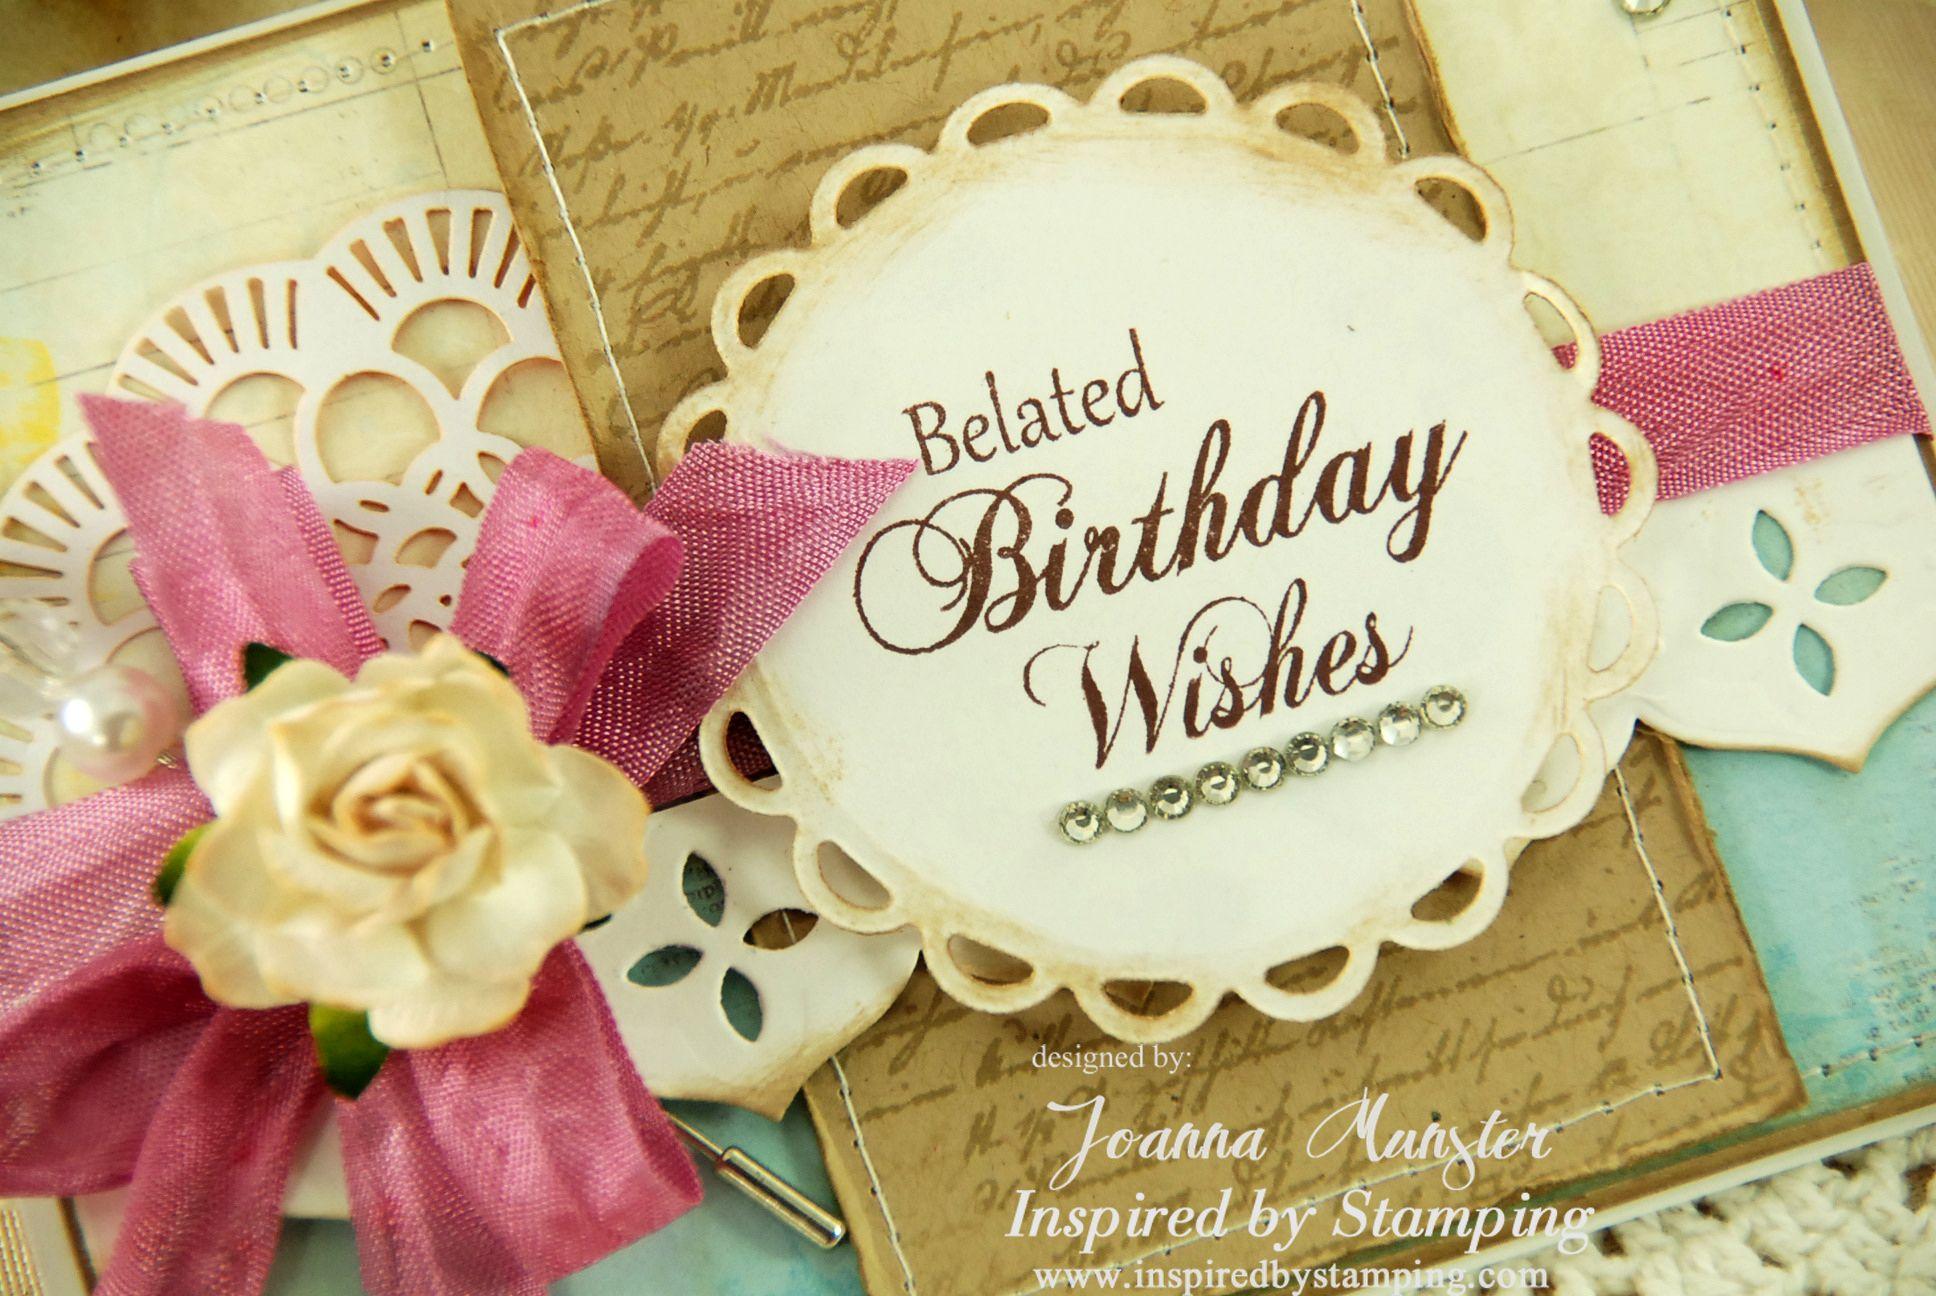 Belated birthday wishes ecard greetings u blessings pinterest